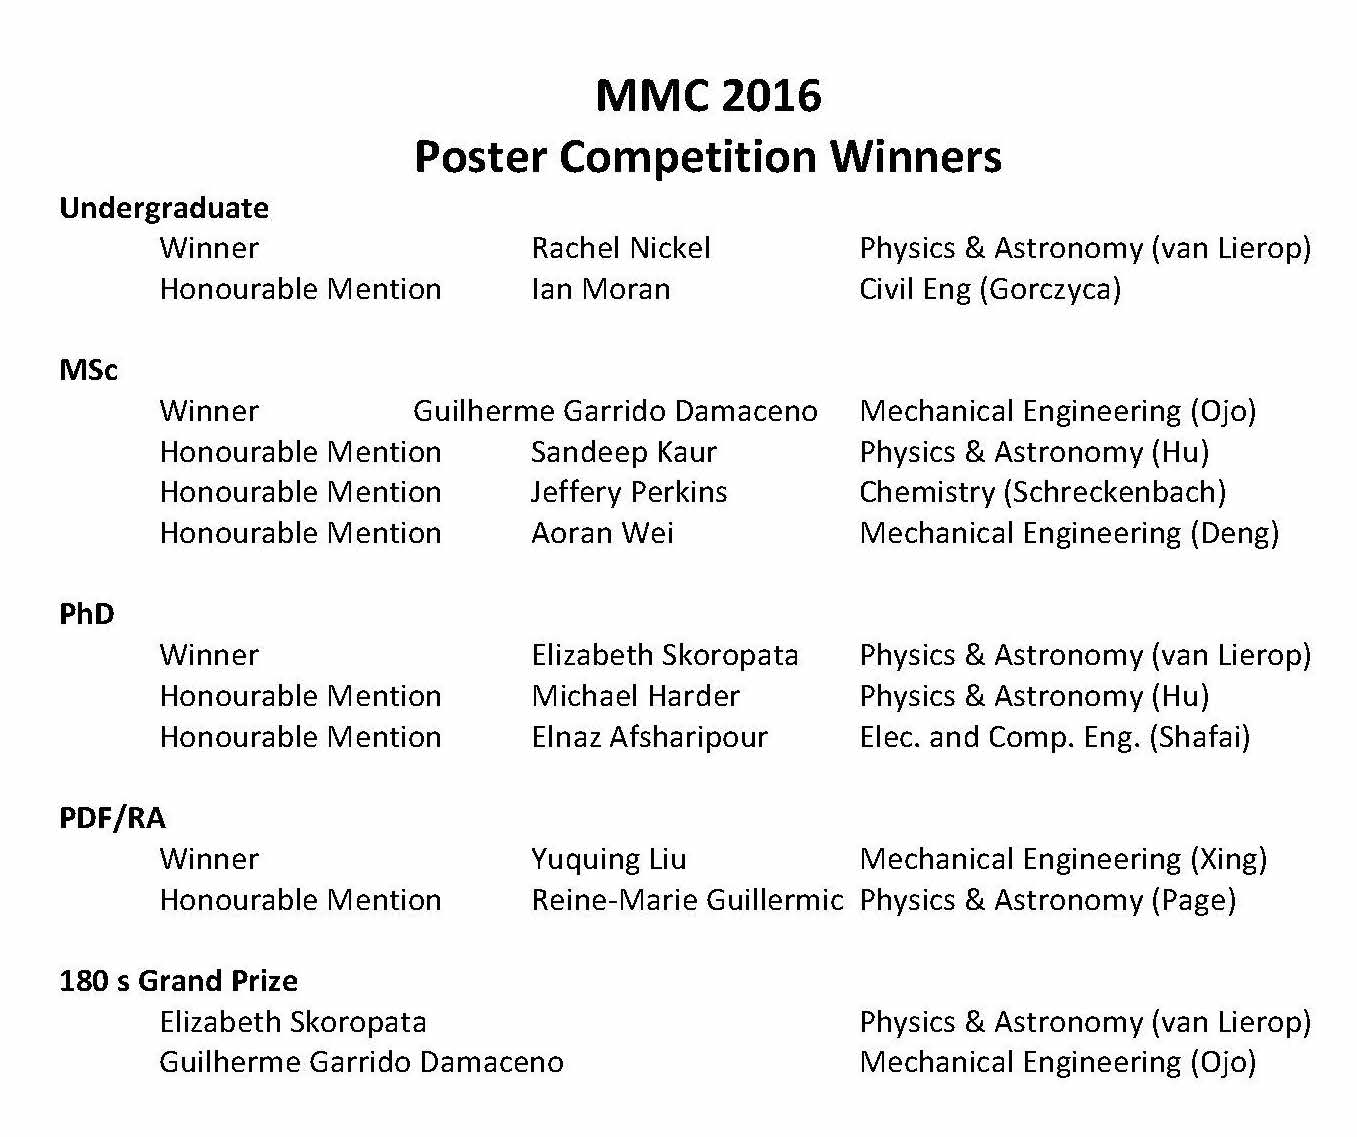 MMC 2016 Award Winners